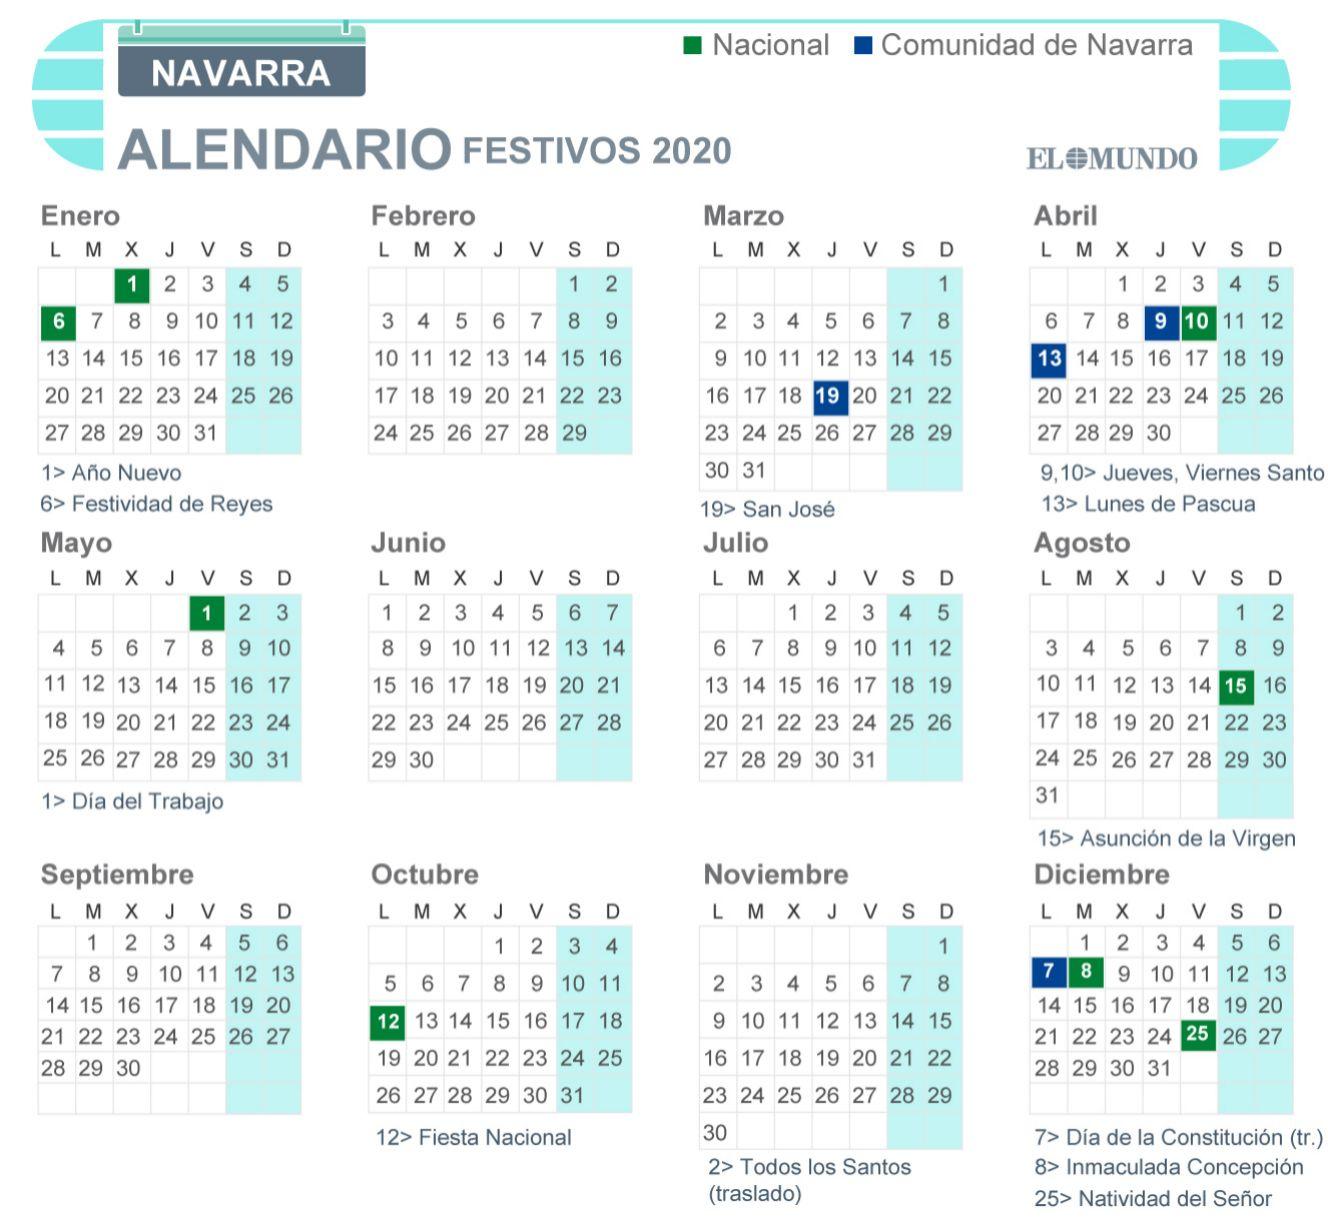 Calendario laboral de Navarra 2020